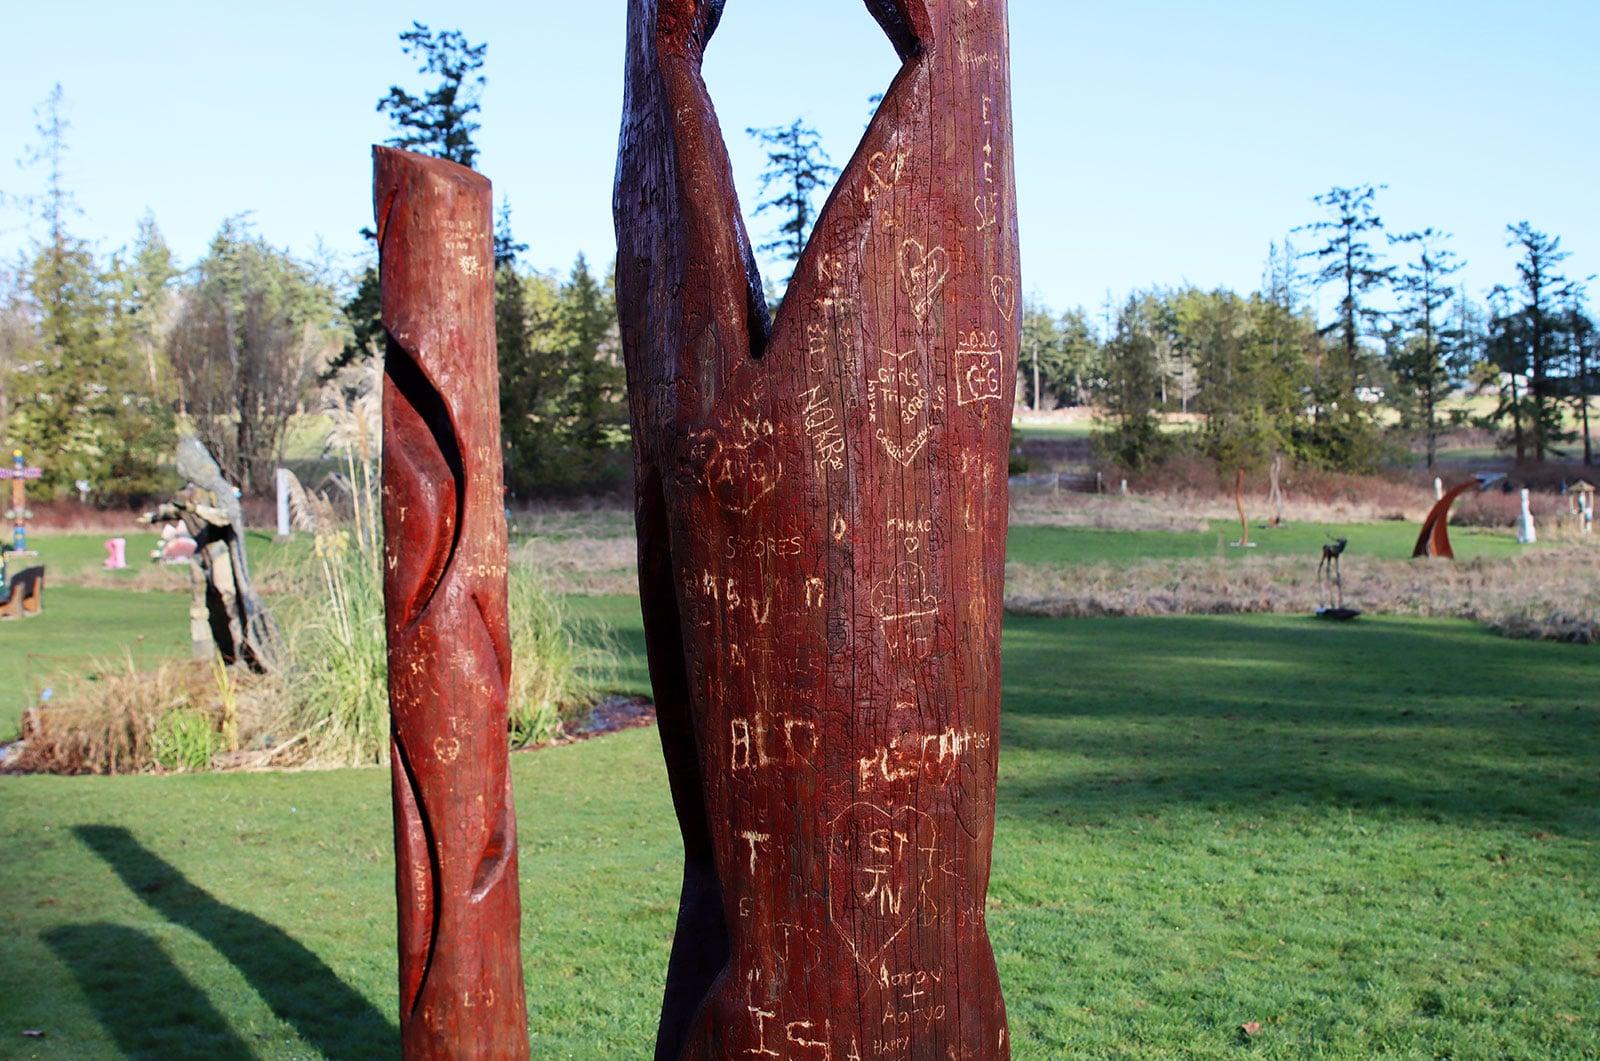 Sculpture Park Totem